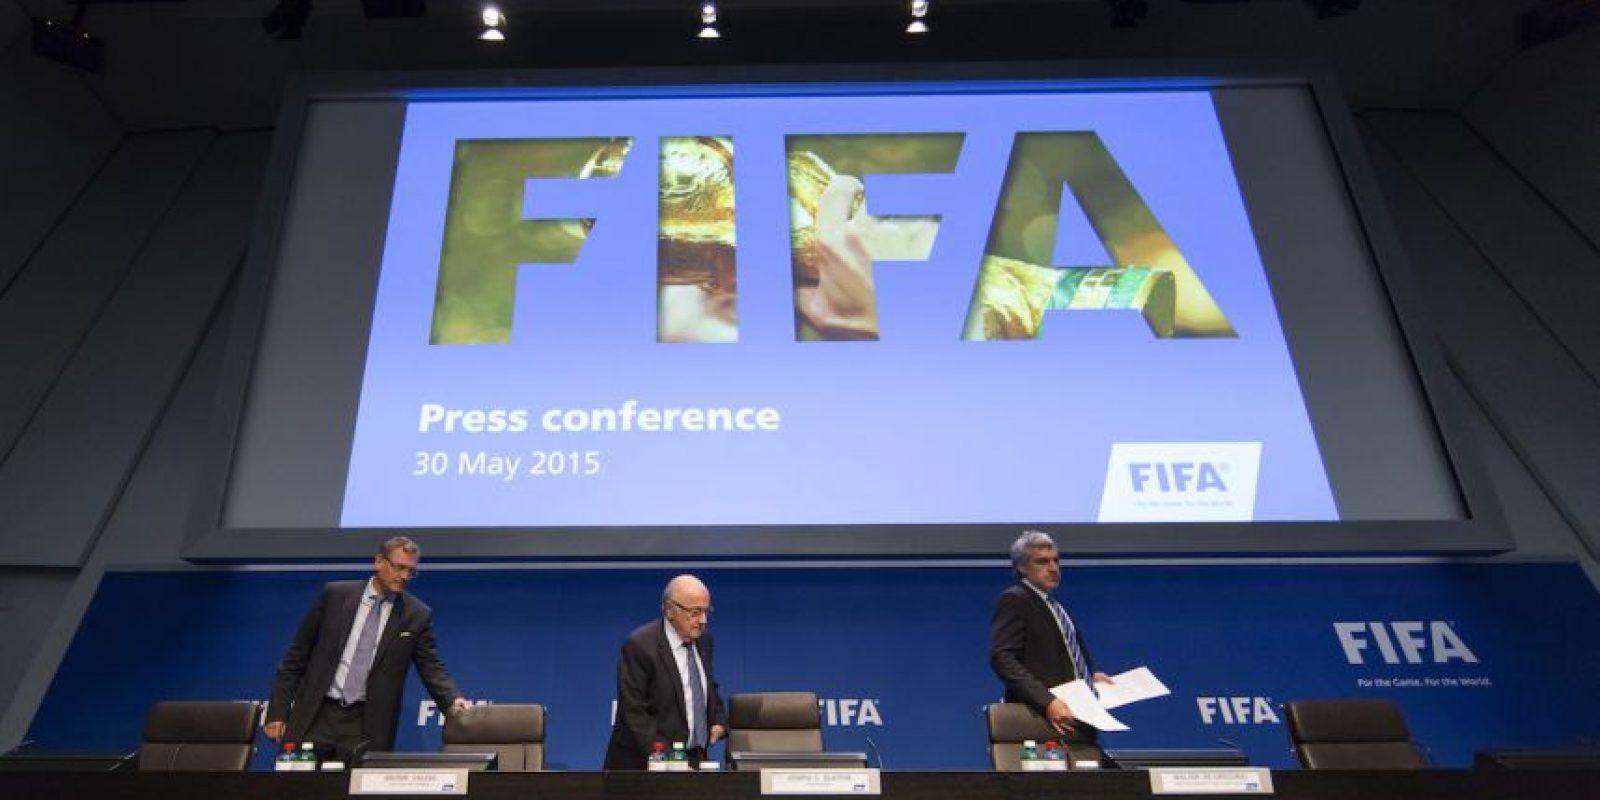 Entre los principales candidatos a la silla presidencial del organismo aparecen Diego Armando Maradona y el exfutbolista brasileño Zico. Foto:Getty Images